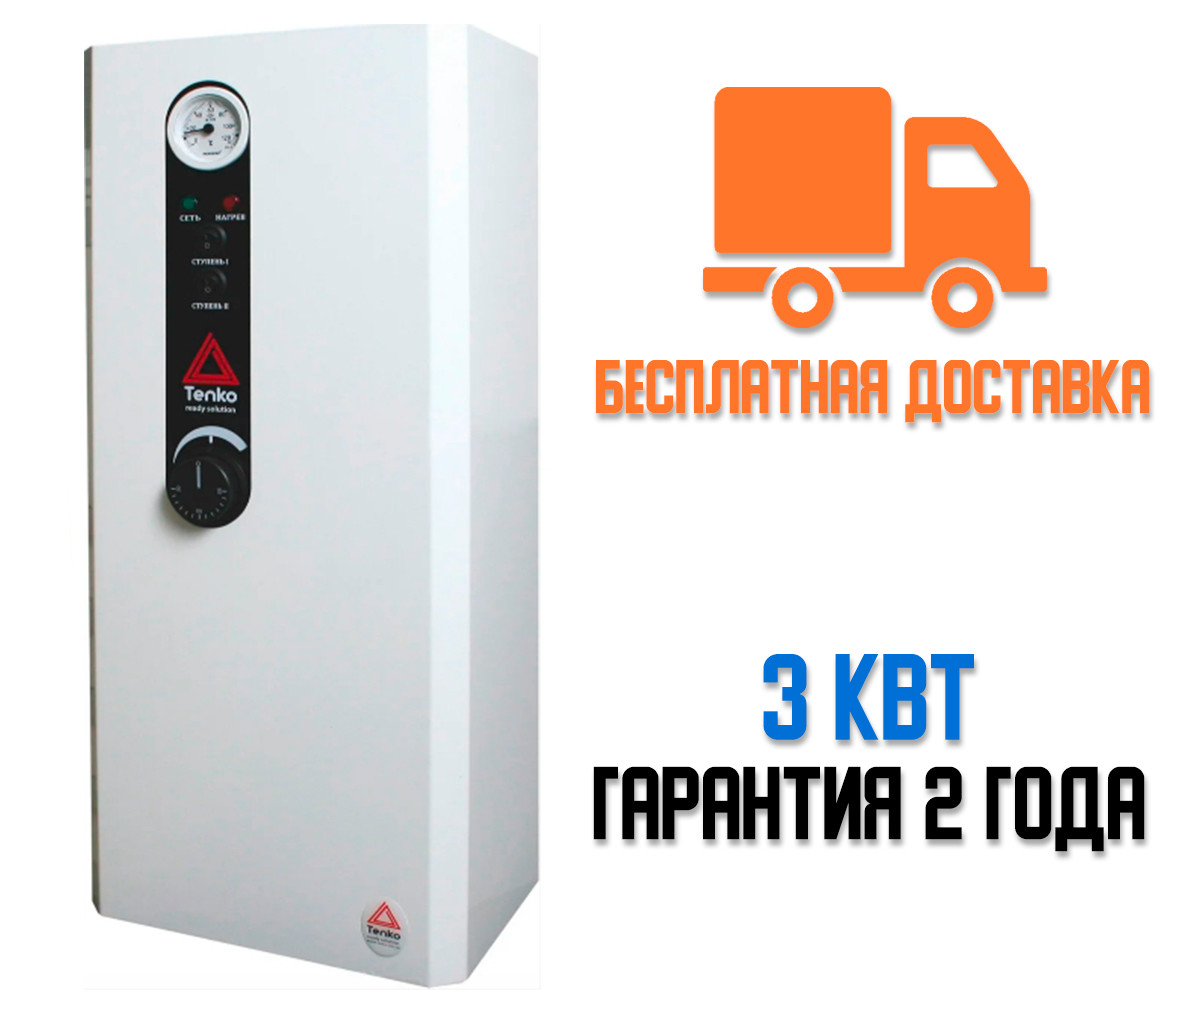 Котел электрический Tenko  3 кВт/220 стандарт  Бесплатная доставка!